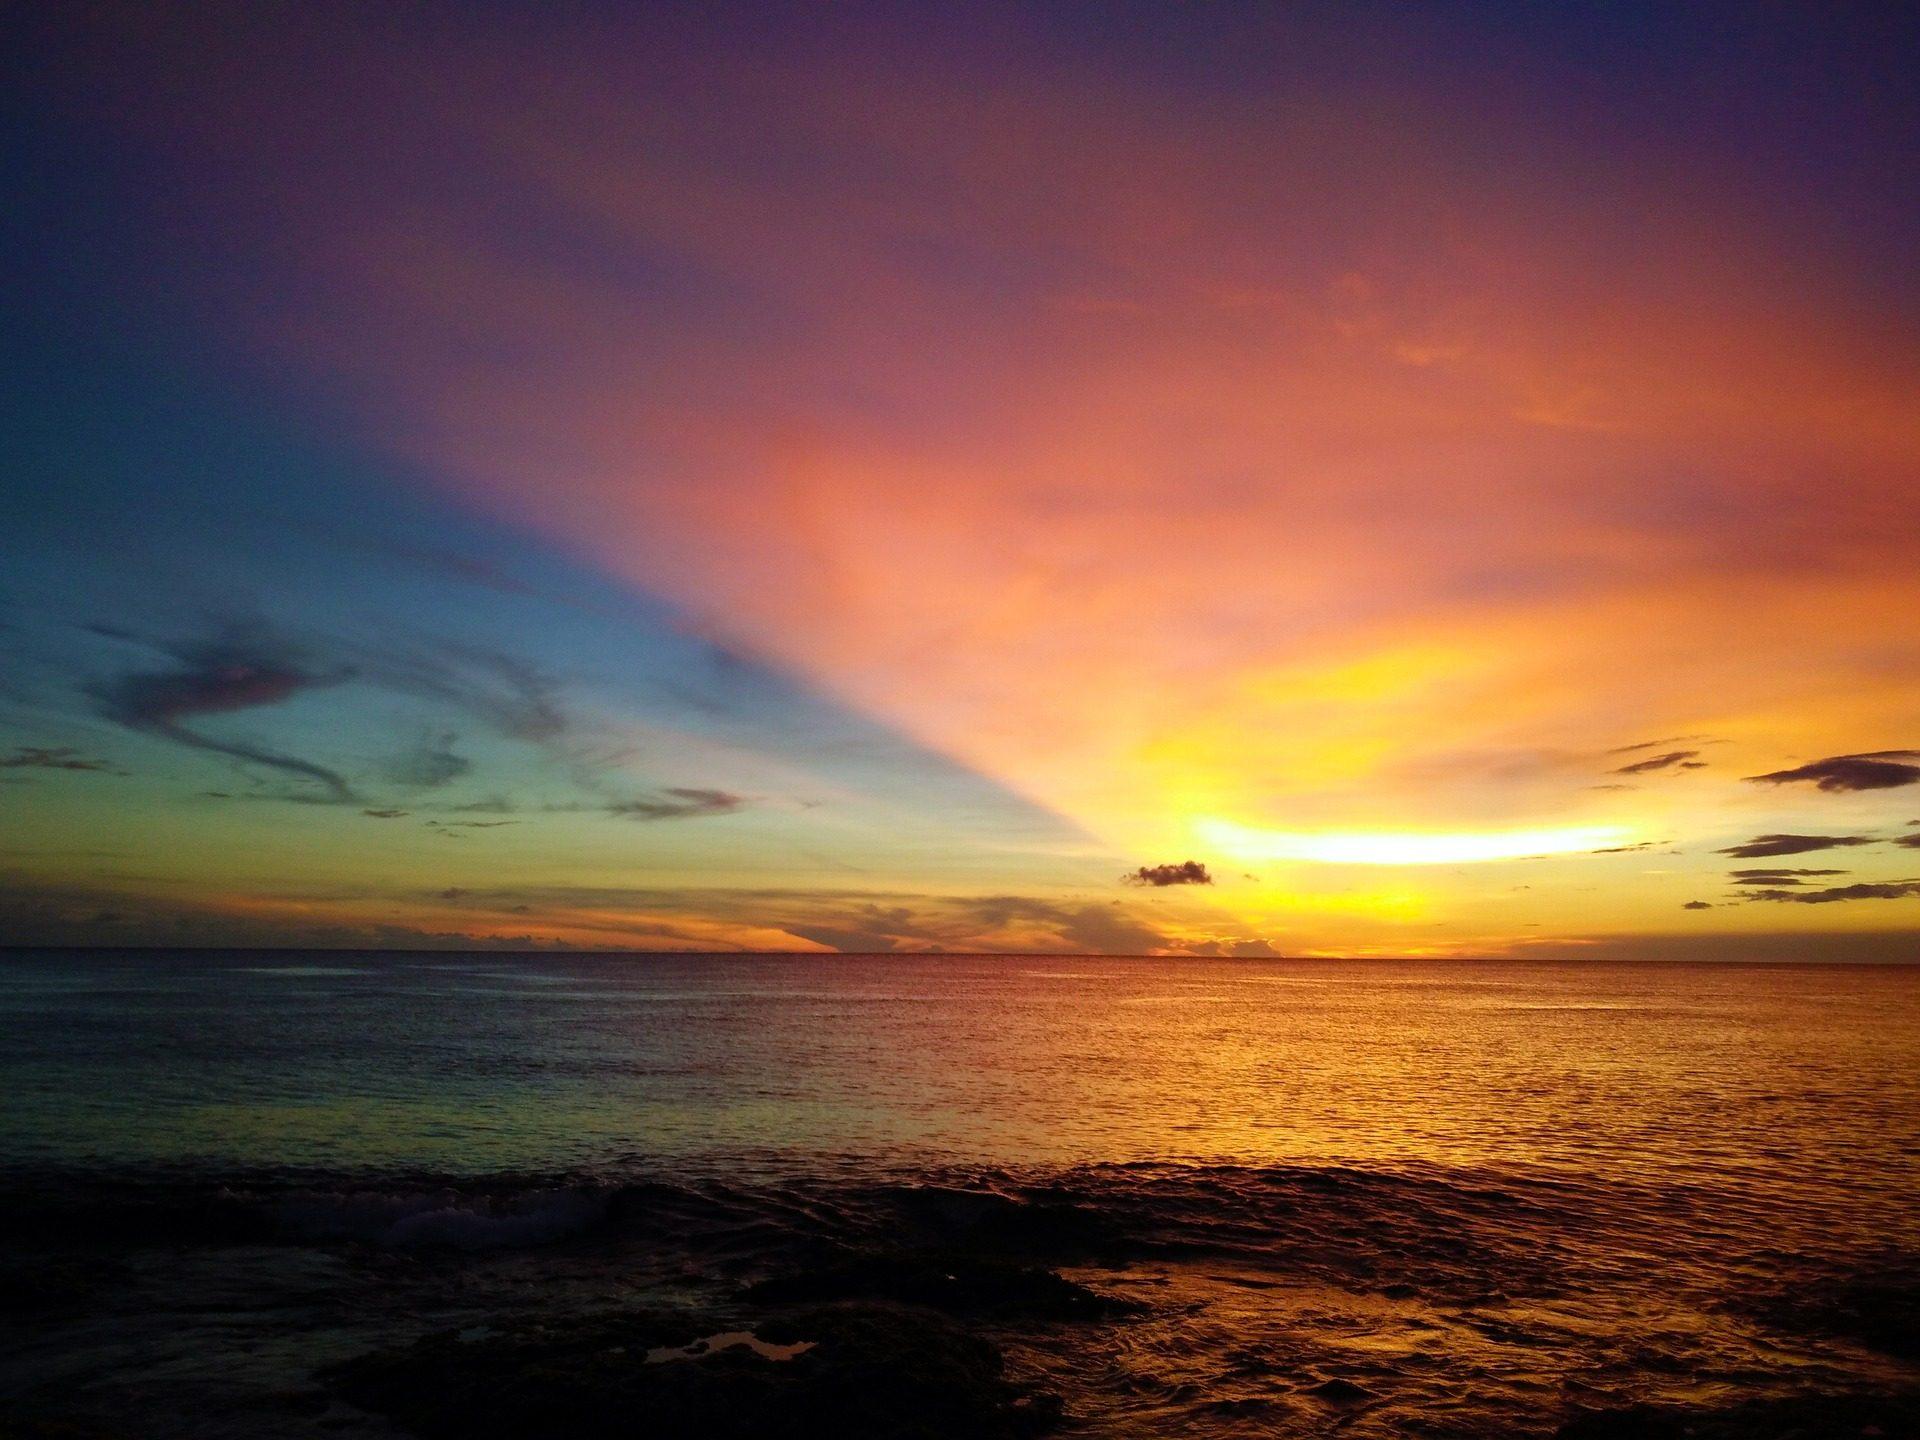 天空, 色调, 多彩, 日落, 海, 海洋 - 高清壁纸 - 教授-falken.com